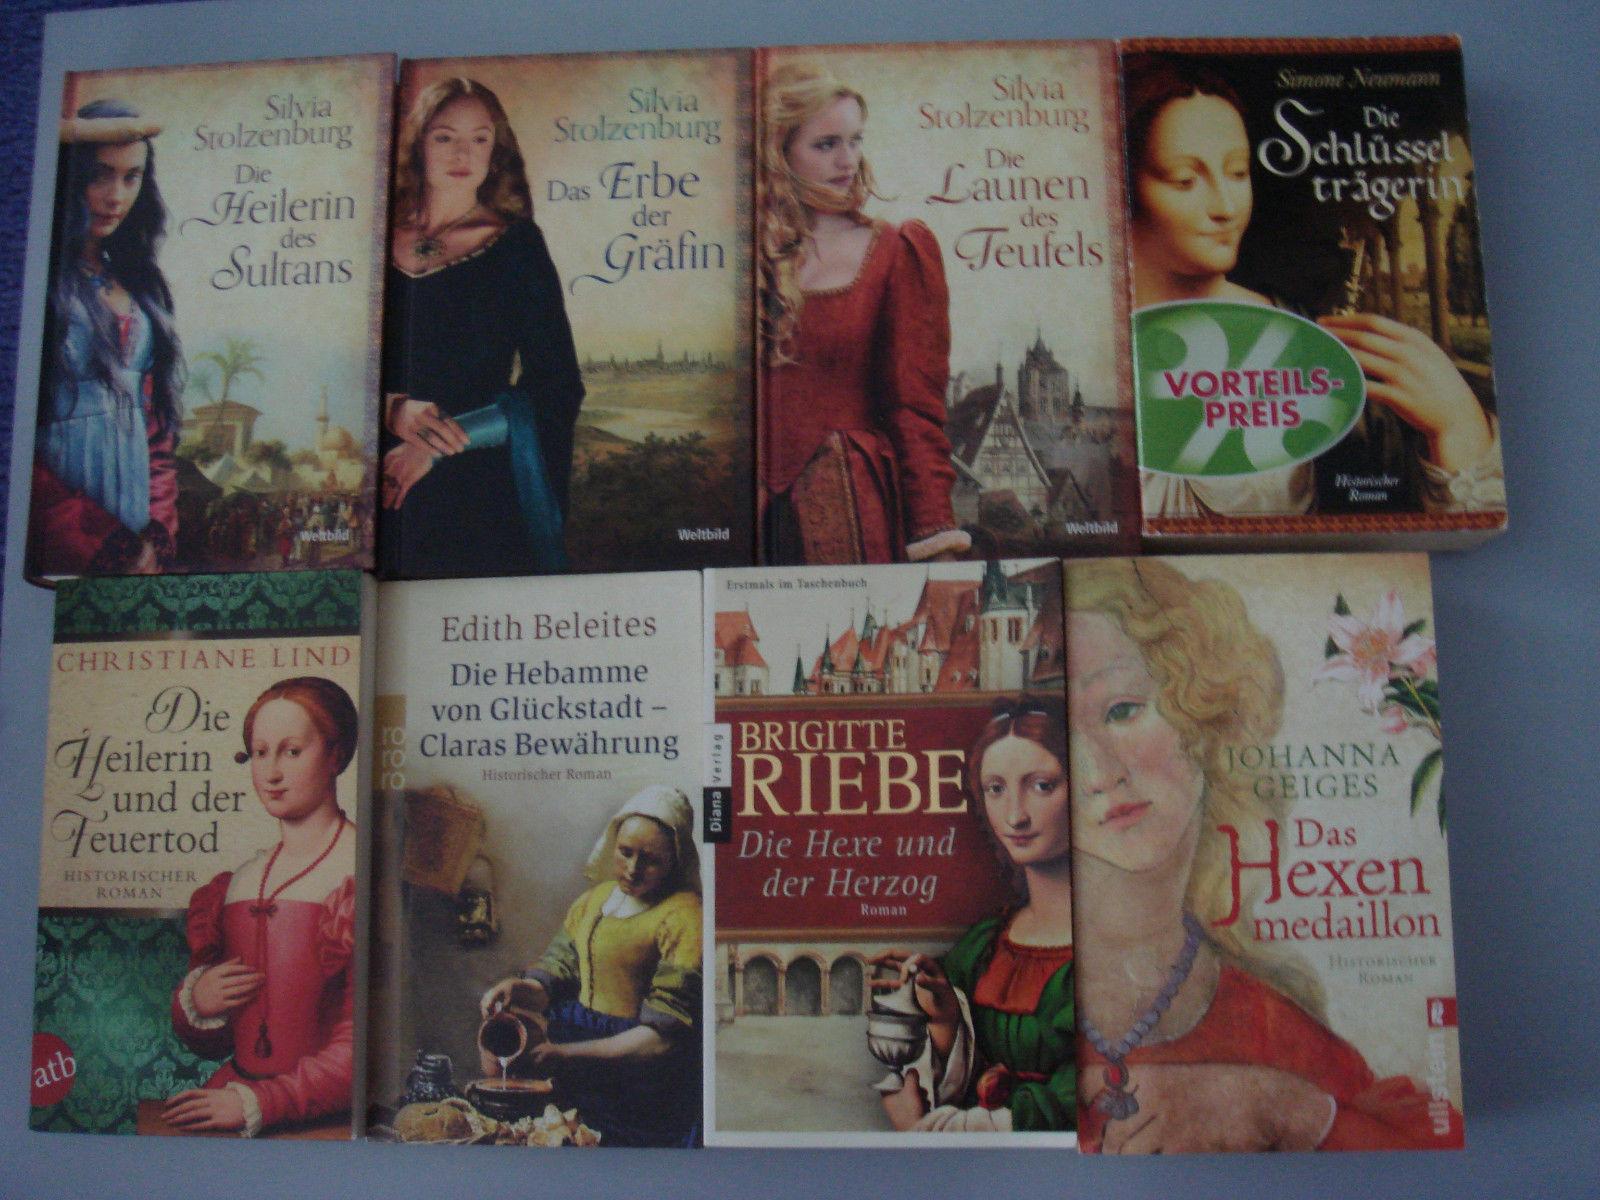 8 x Historische Romane Bücherpaket -Taschenbücher Riebe-Neumann-Stolzenburg usw.